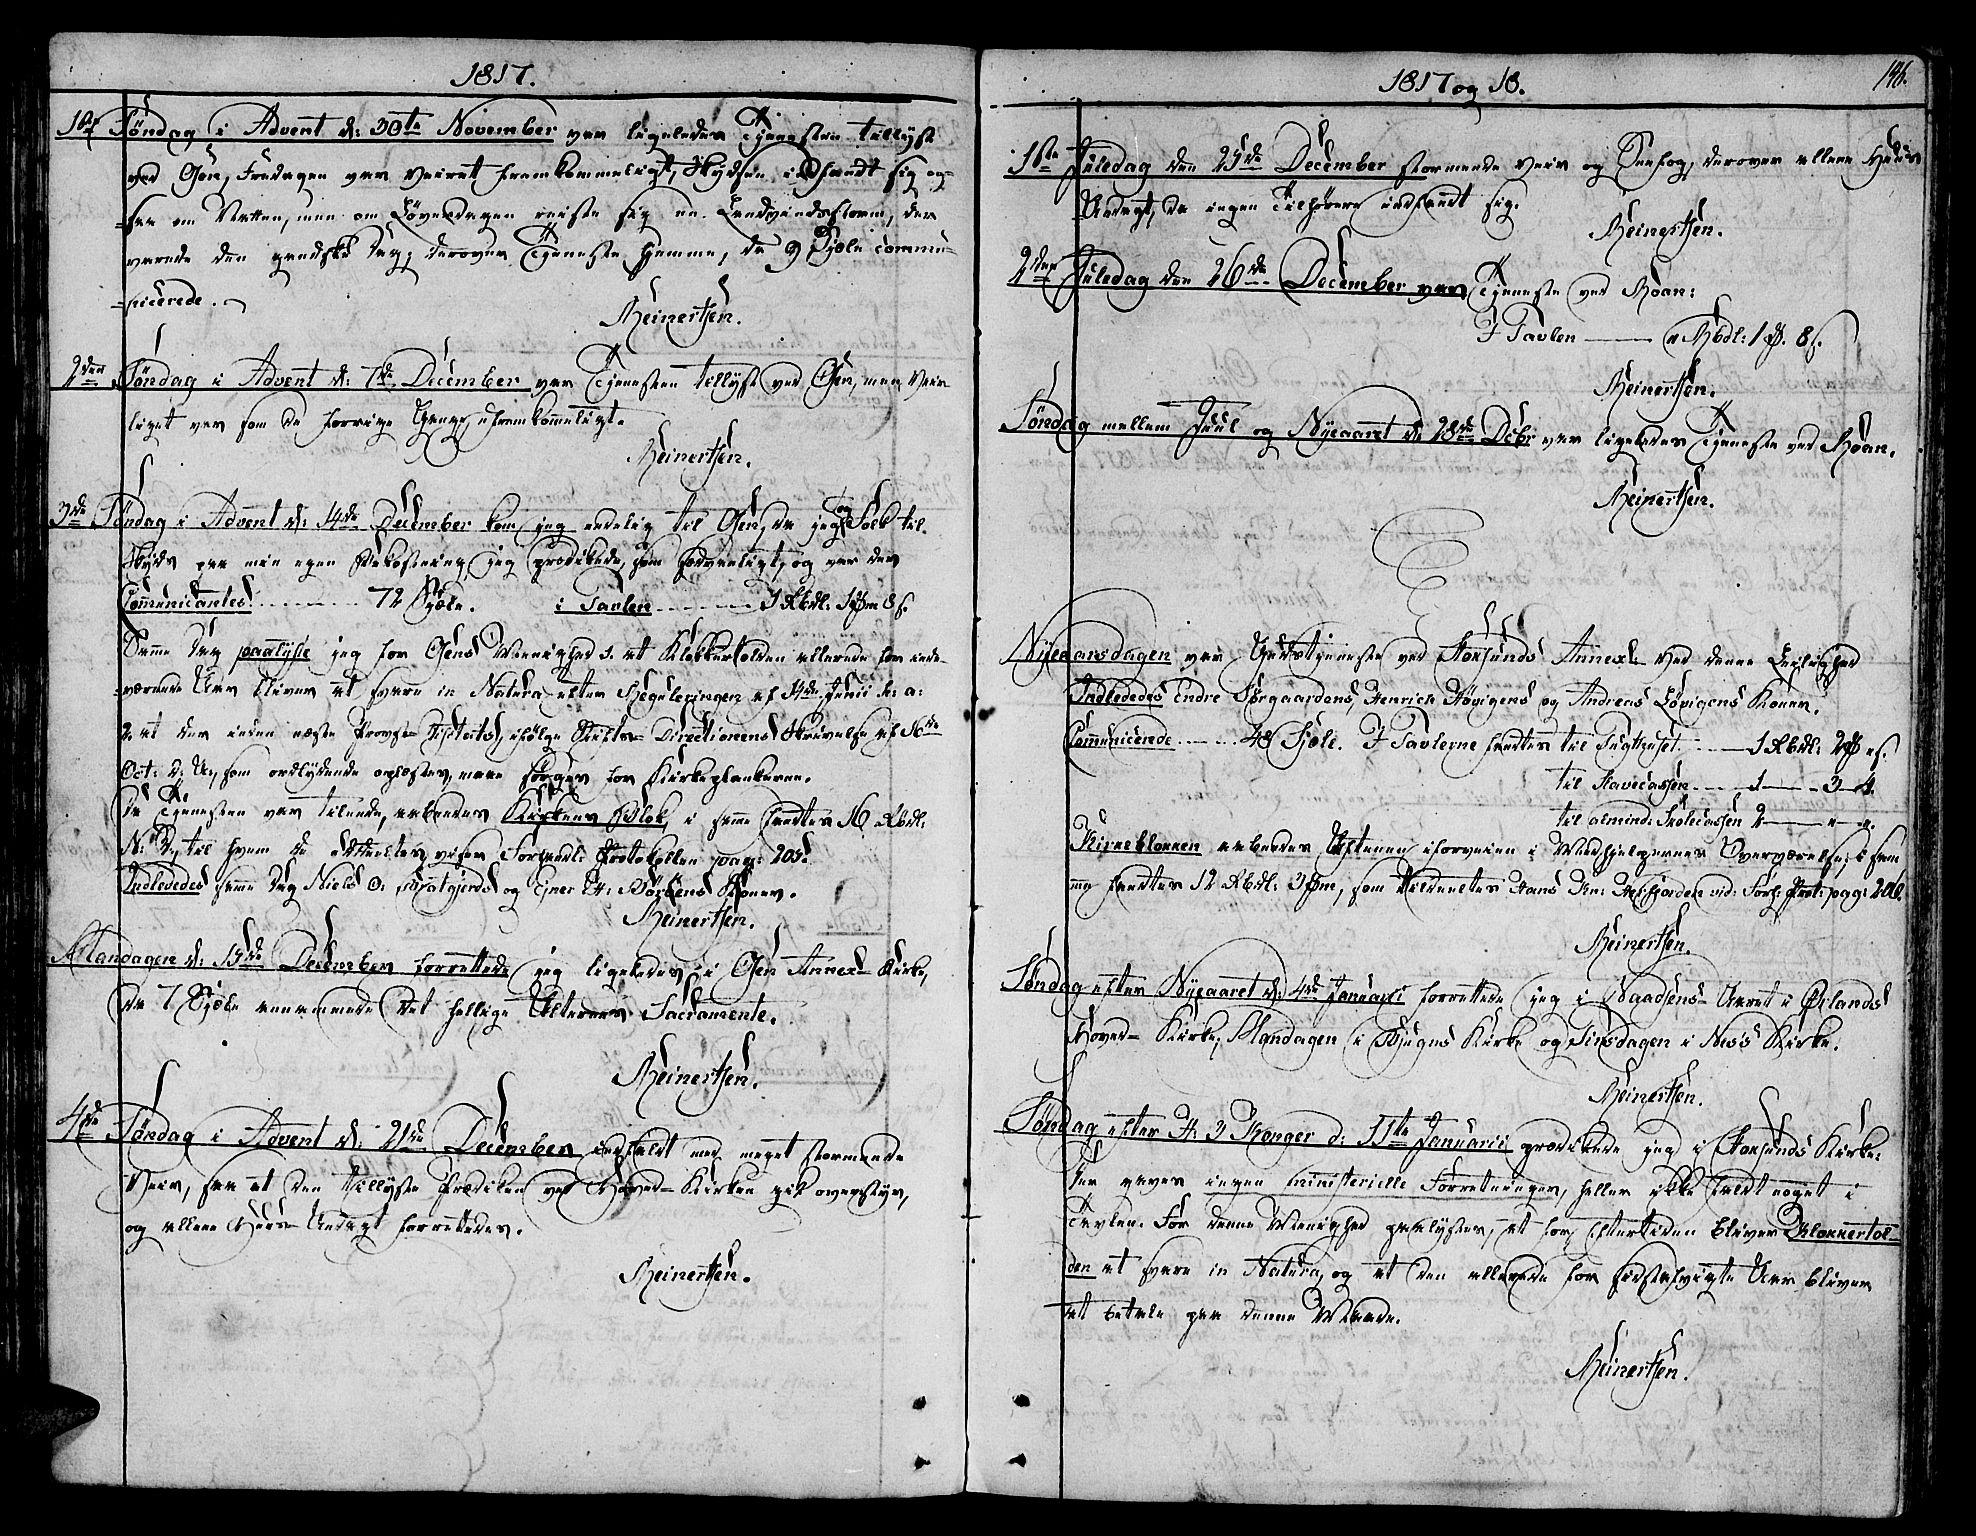 SAT, Ministerialprotokoller, klokkerbøker og fødselsregistre - Sør-Trøndelag, 657/L0701: Ministerialbok nr. 657A02, 1802-1831, s. 146